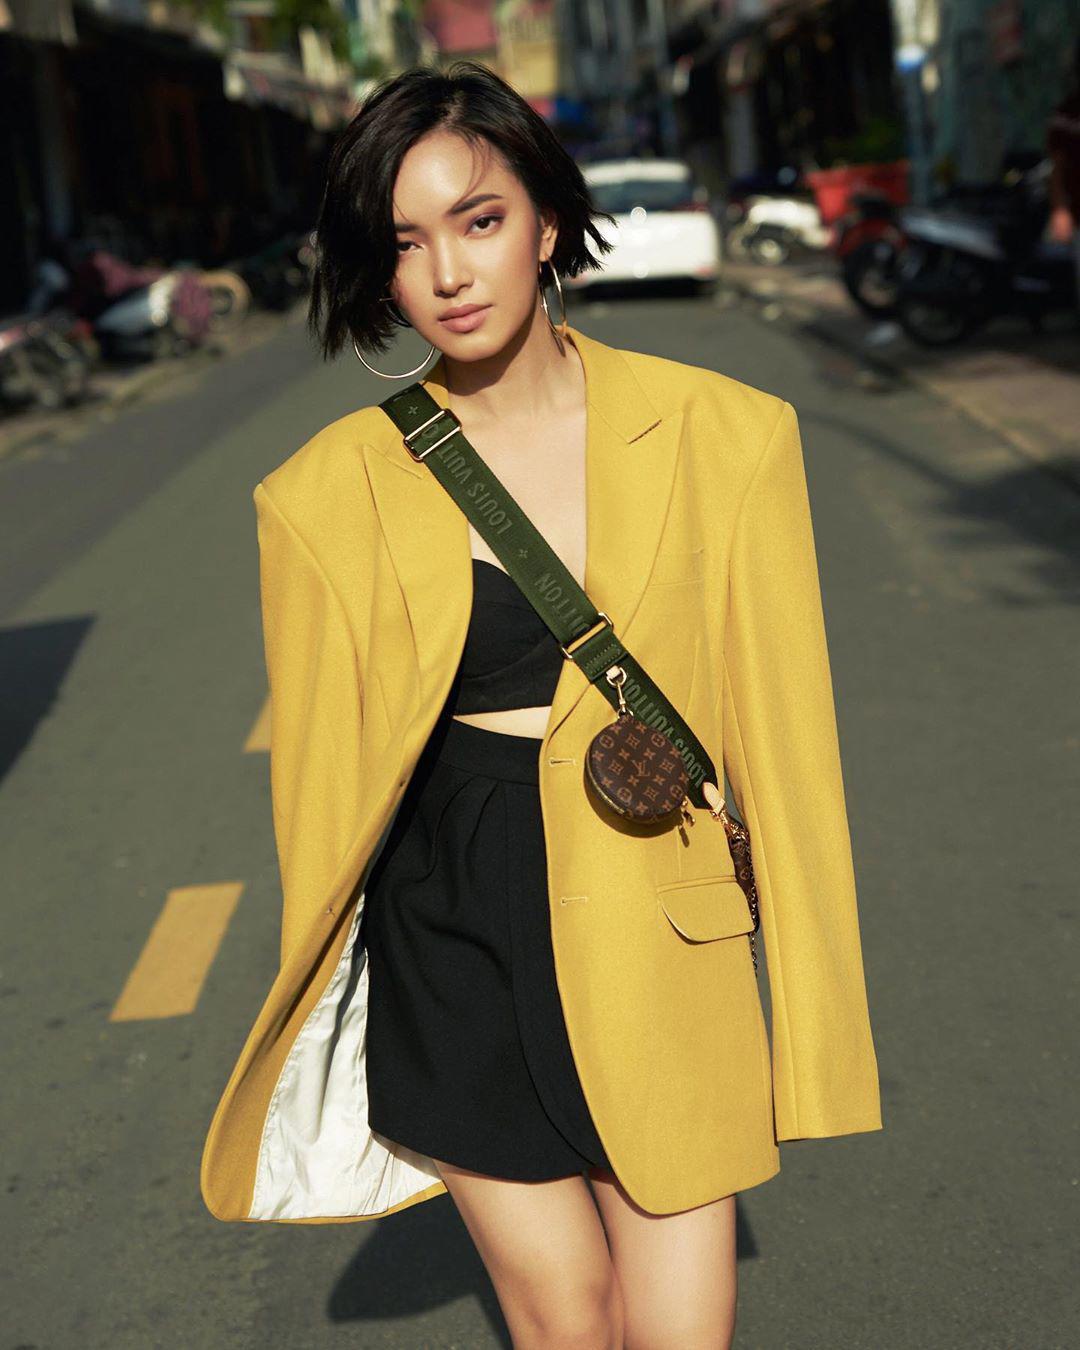 Châu Bùi sở hữu phong cách thời trang đa dạng, cá tính.